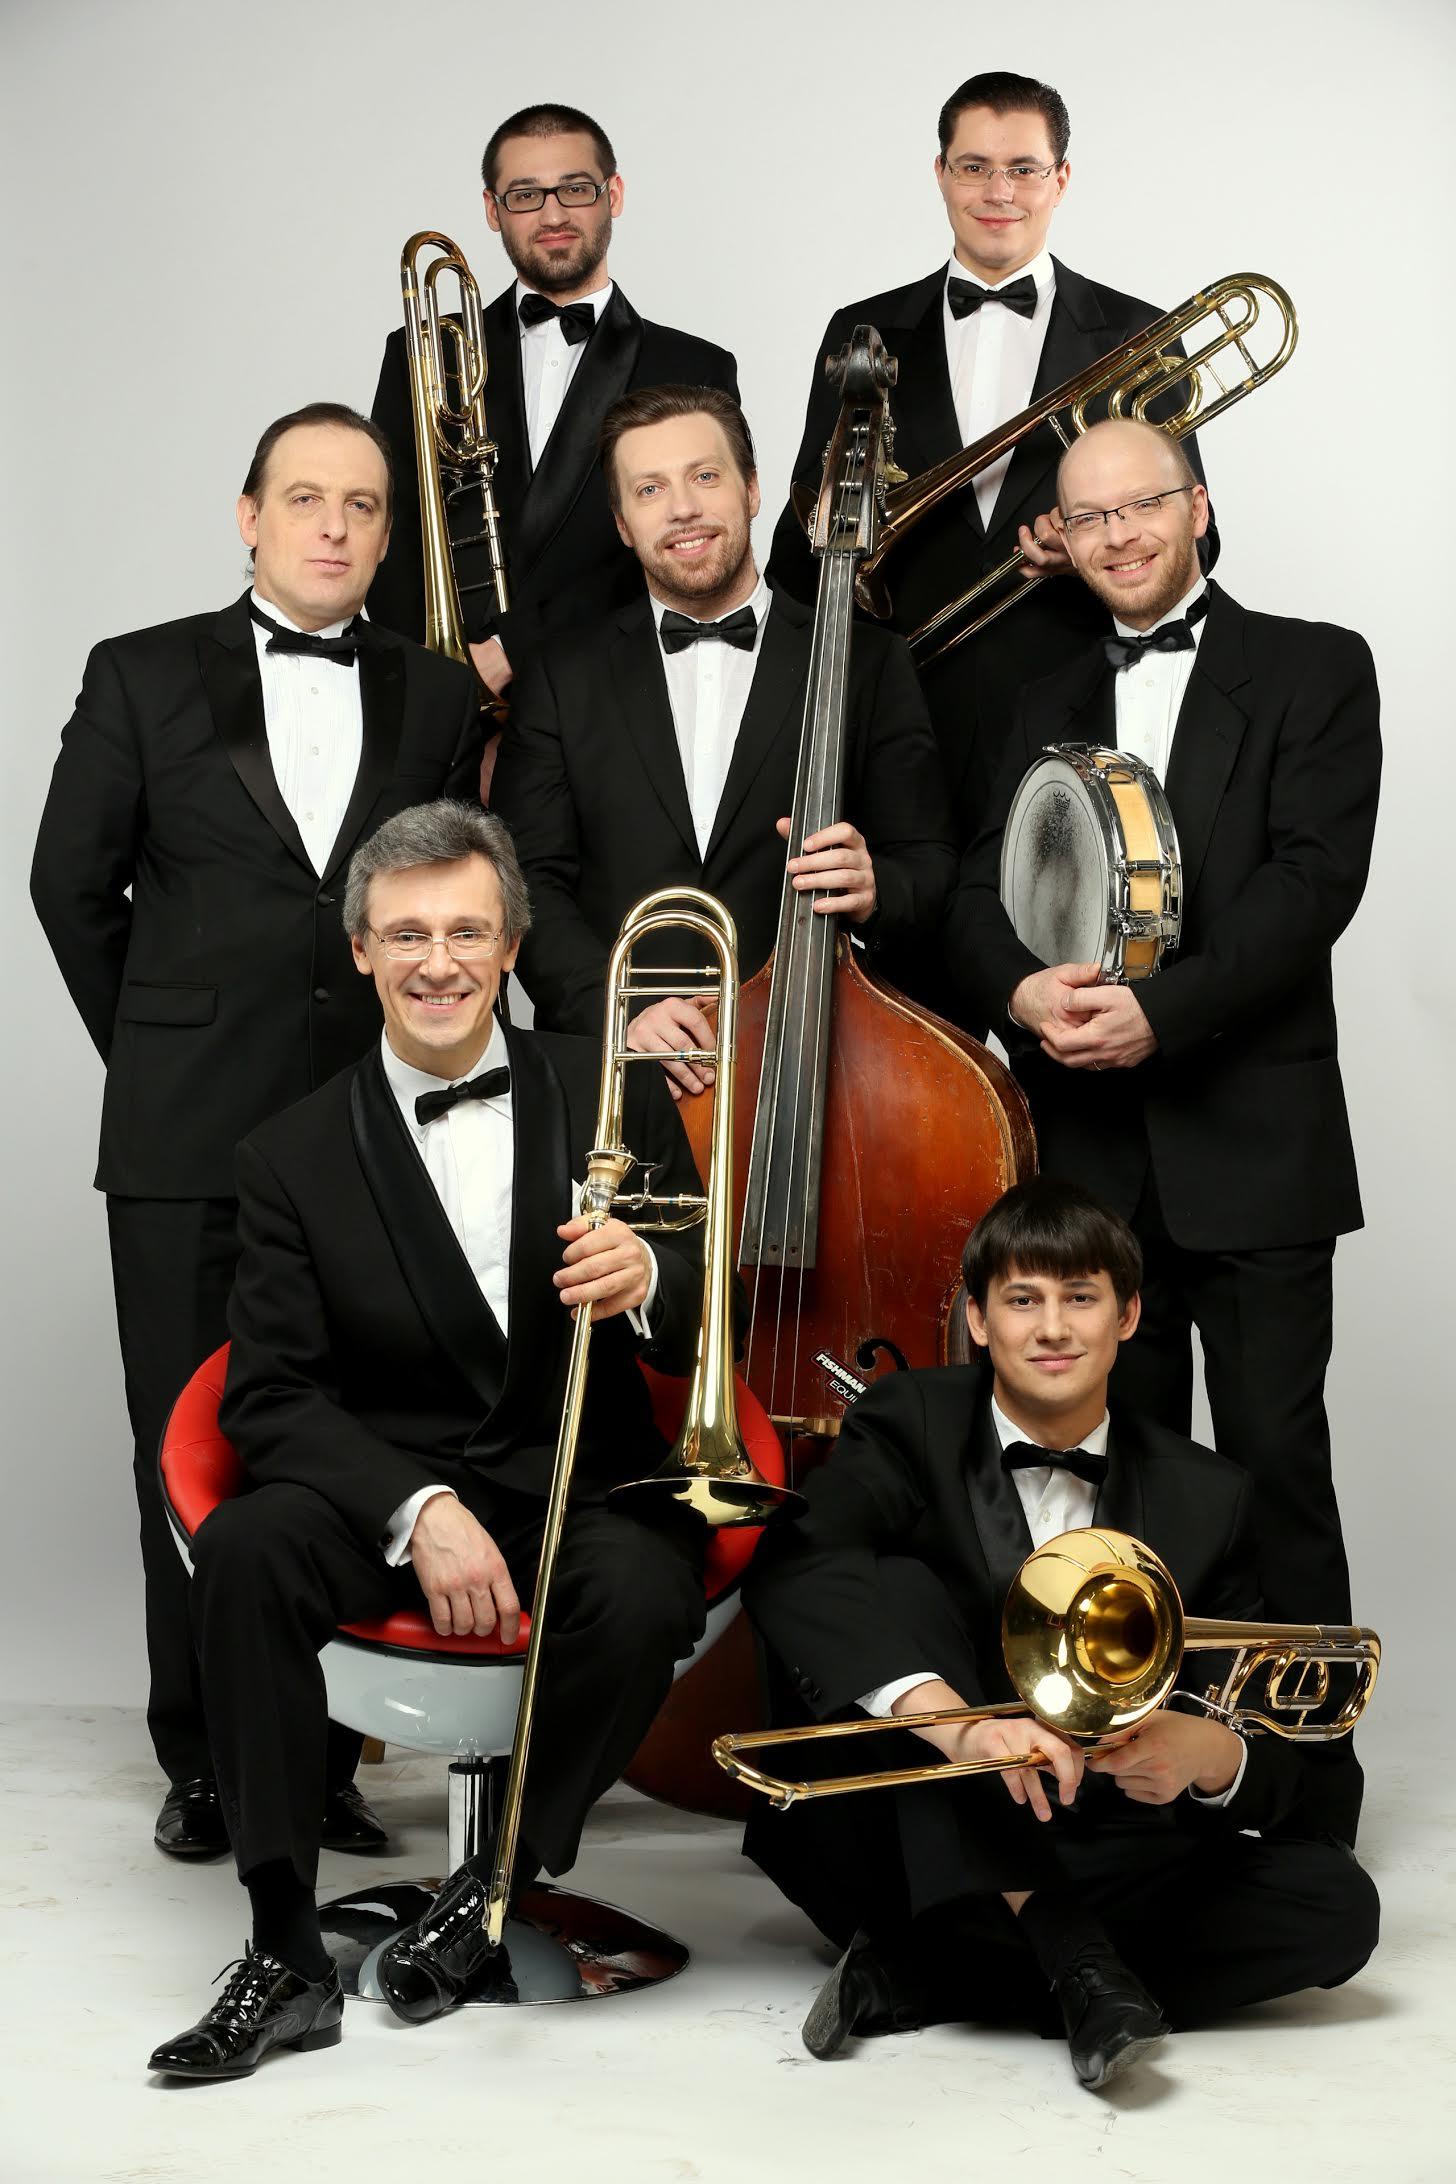 Александр Ф. Скляр и Тромбон-шоу исполнят общий концерт, посвященный 120-летию Леонида Утесова!